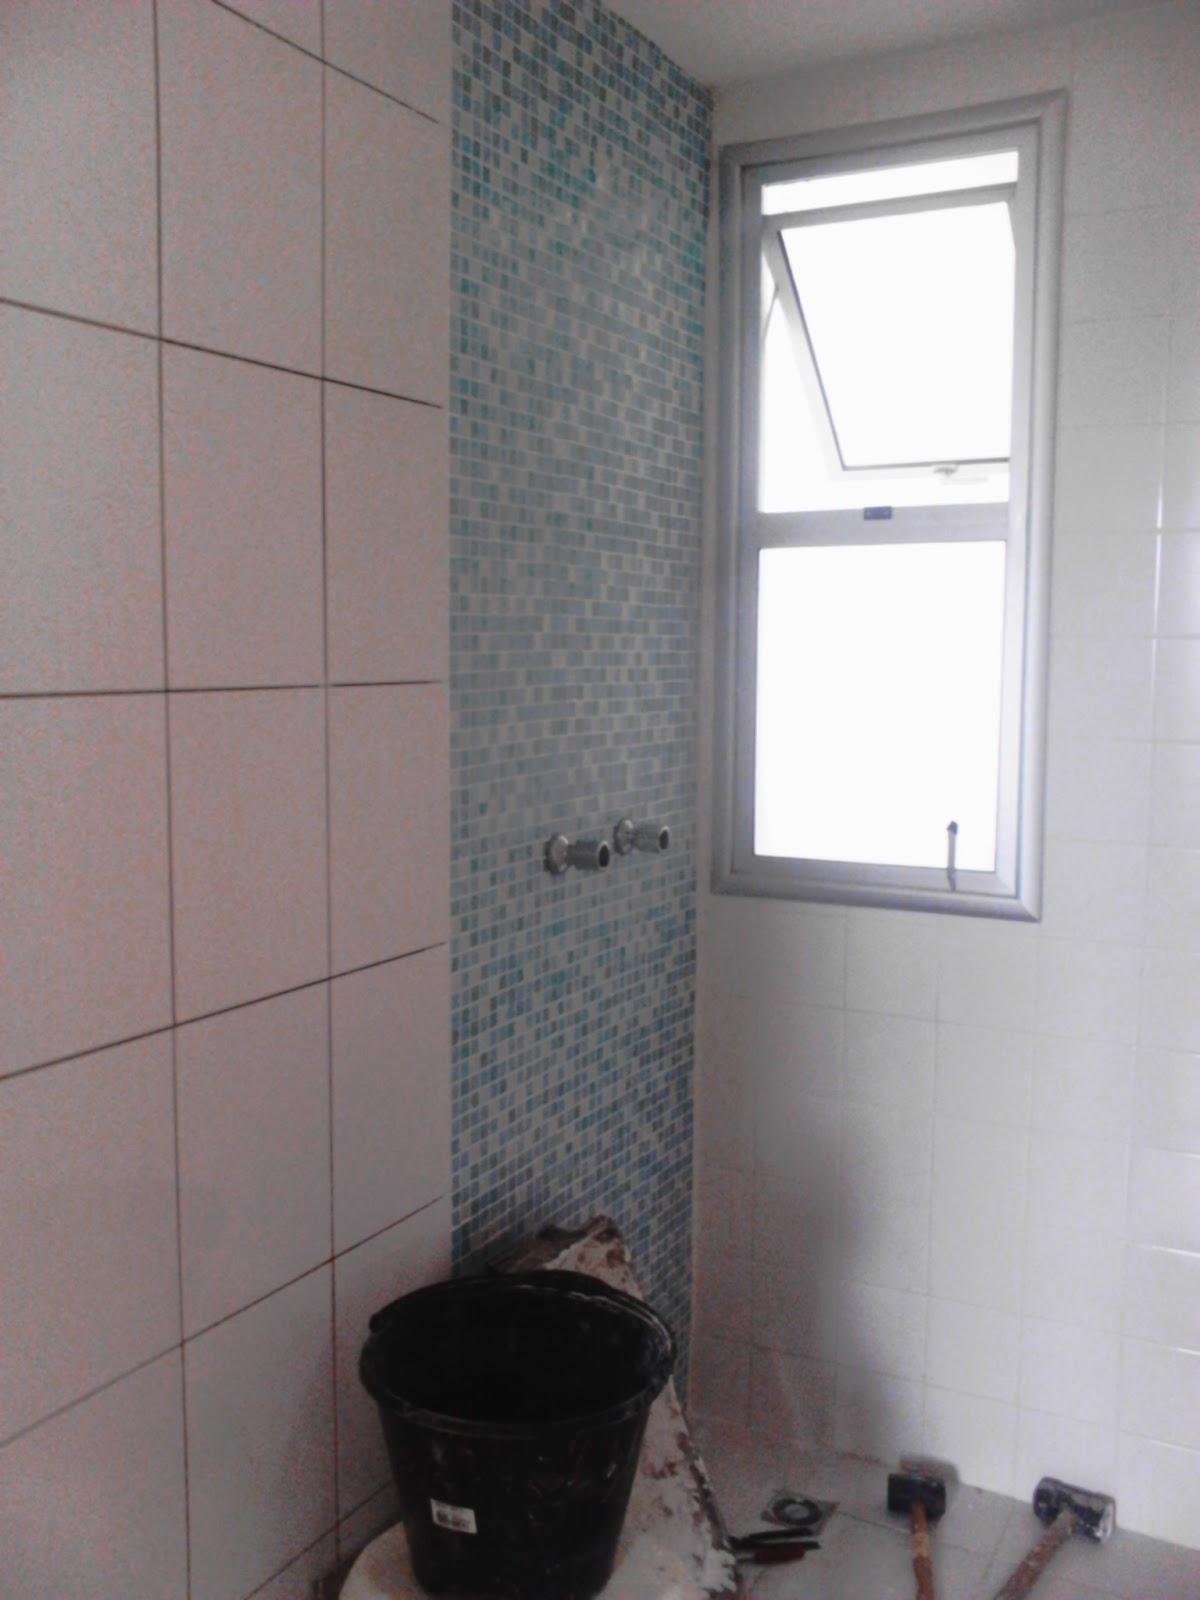 outro banheiro fizemos um detalhes com pastilhas verde claro e azul  #625753 1200x1600 Banheiro Azul Pastilha